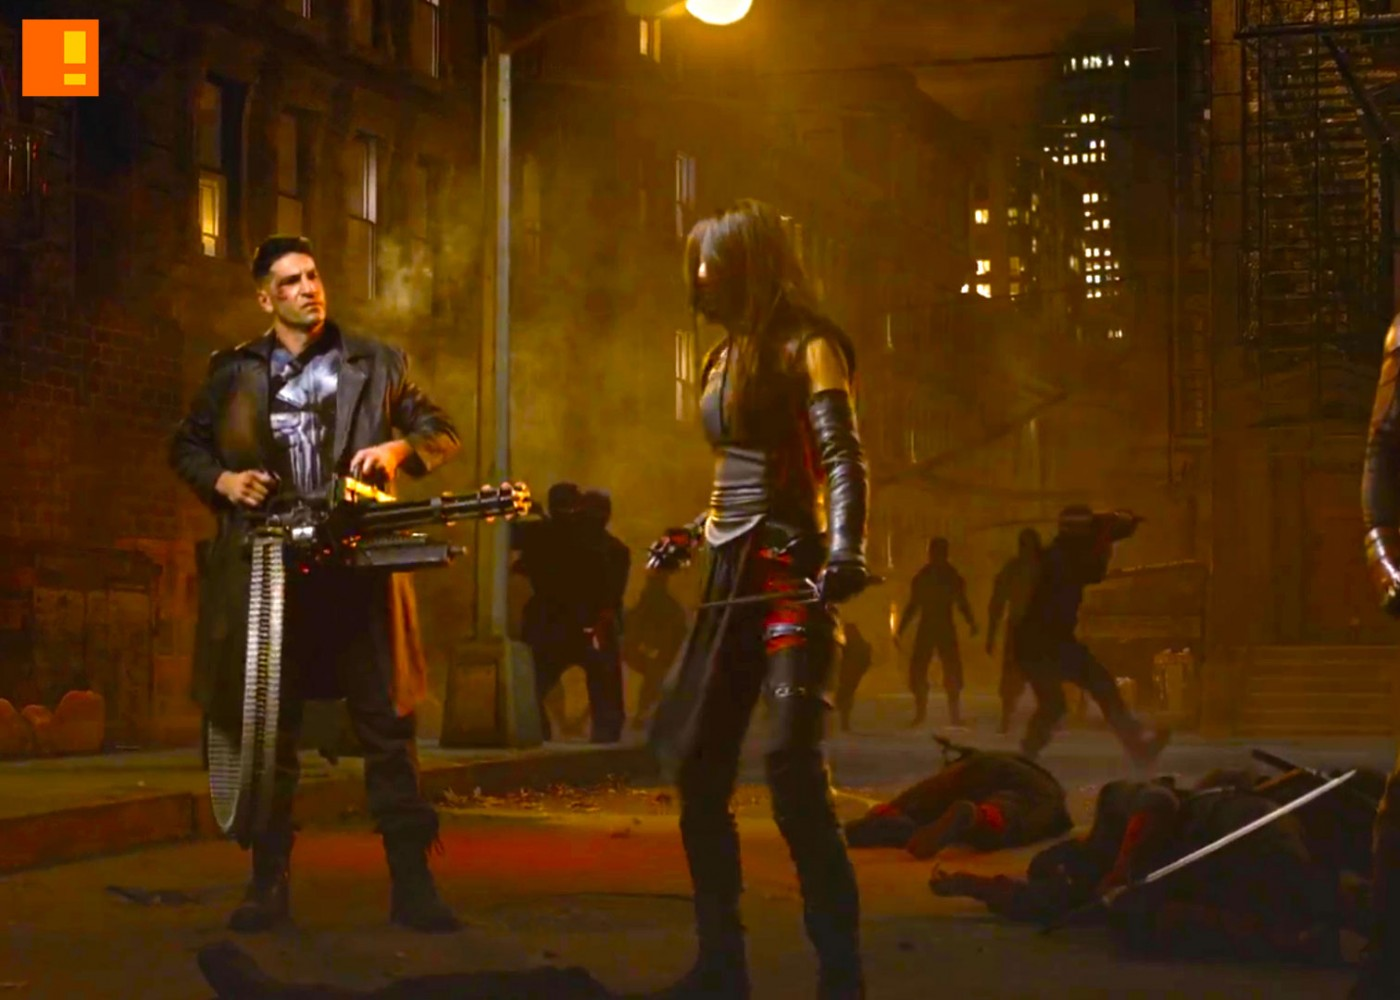 Marvels Daredevil Season 2 Ensemble Teaser Released